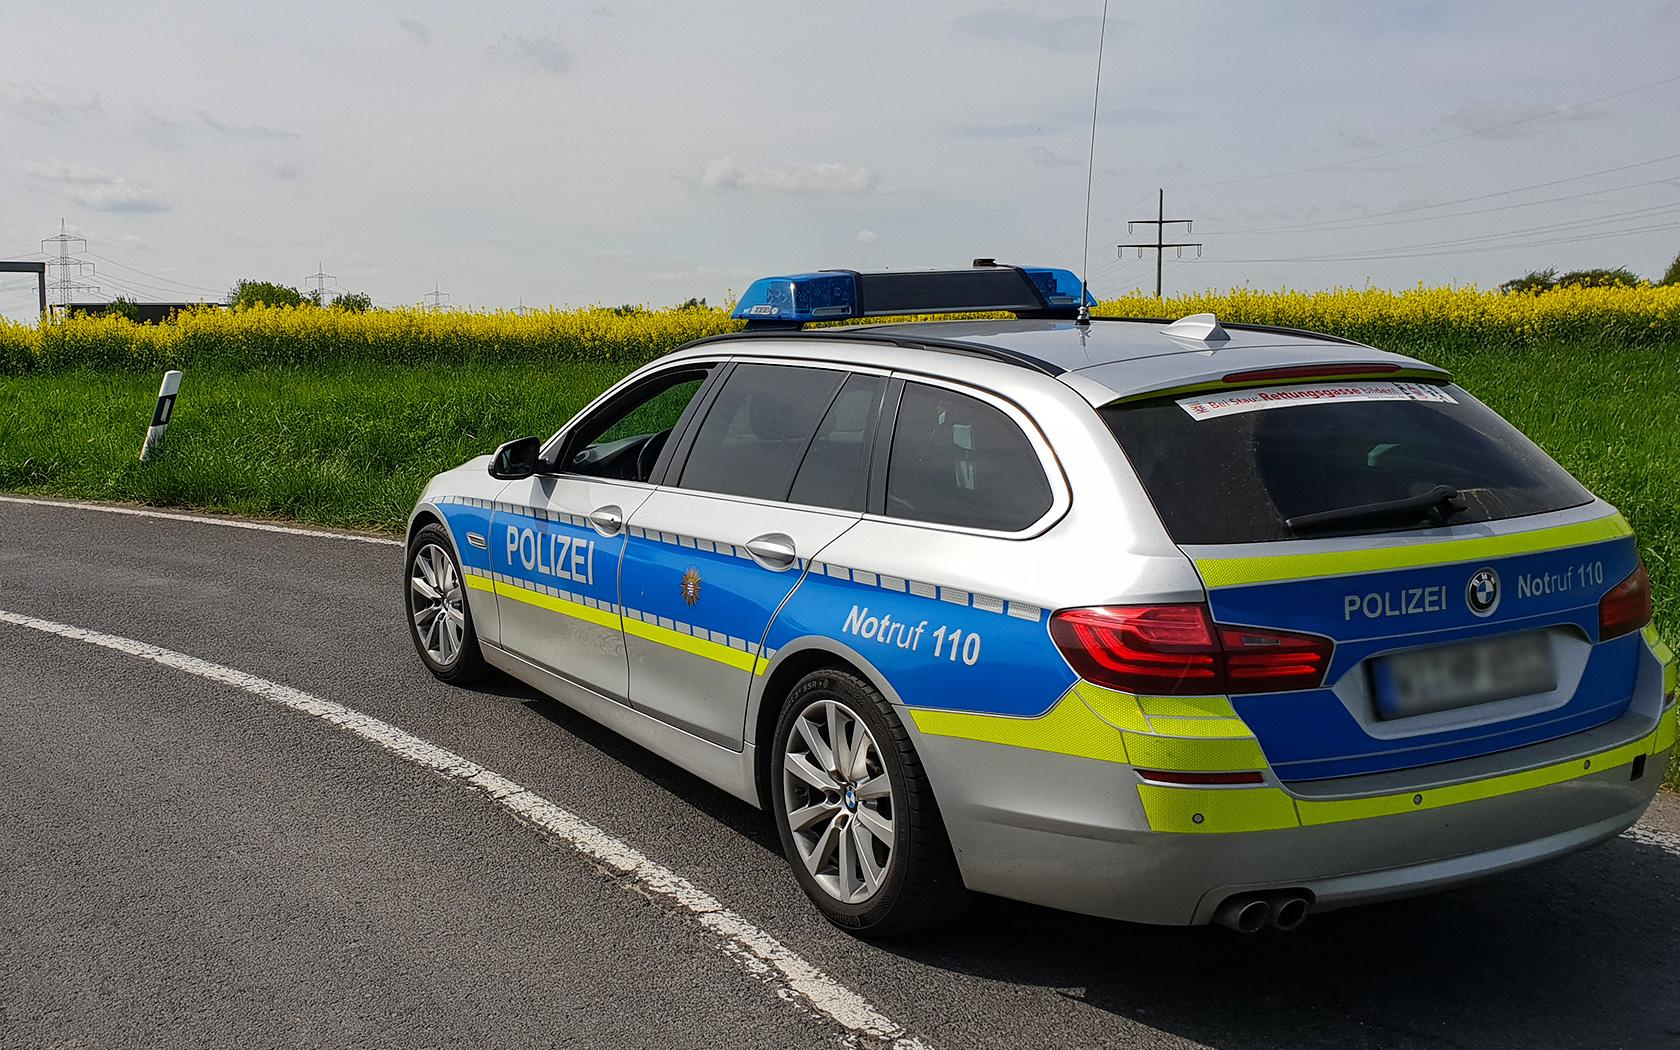 Polizei Hessen.De